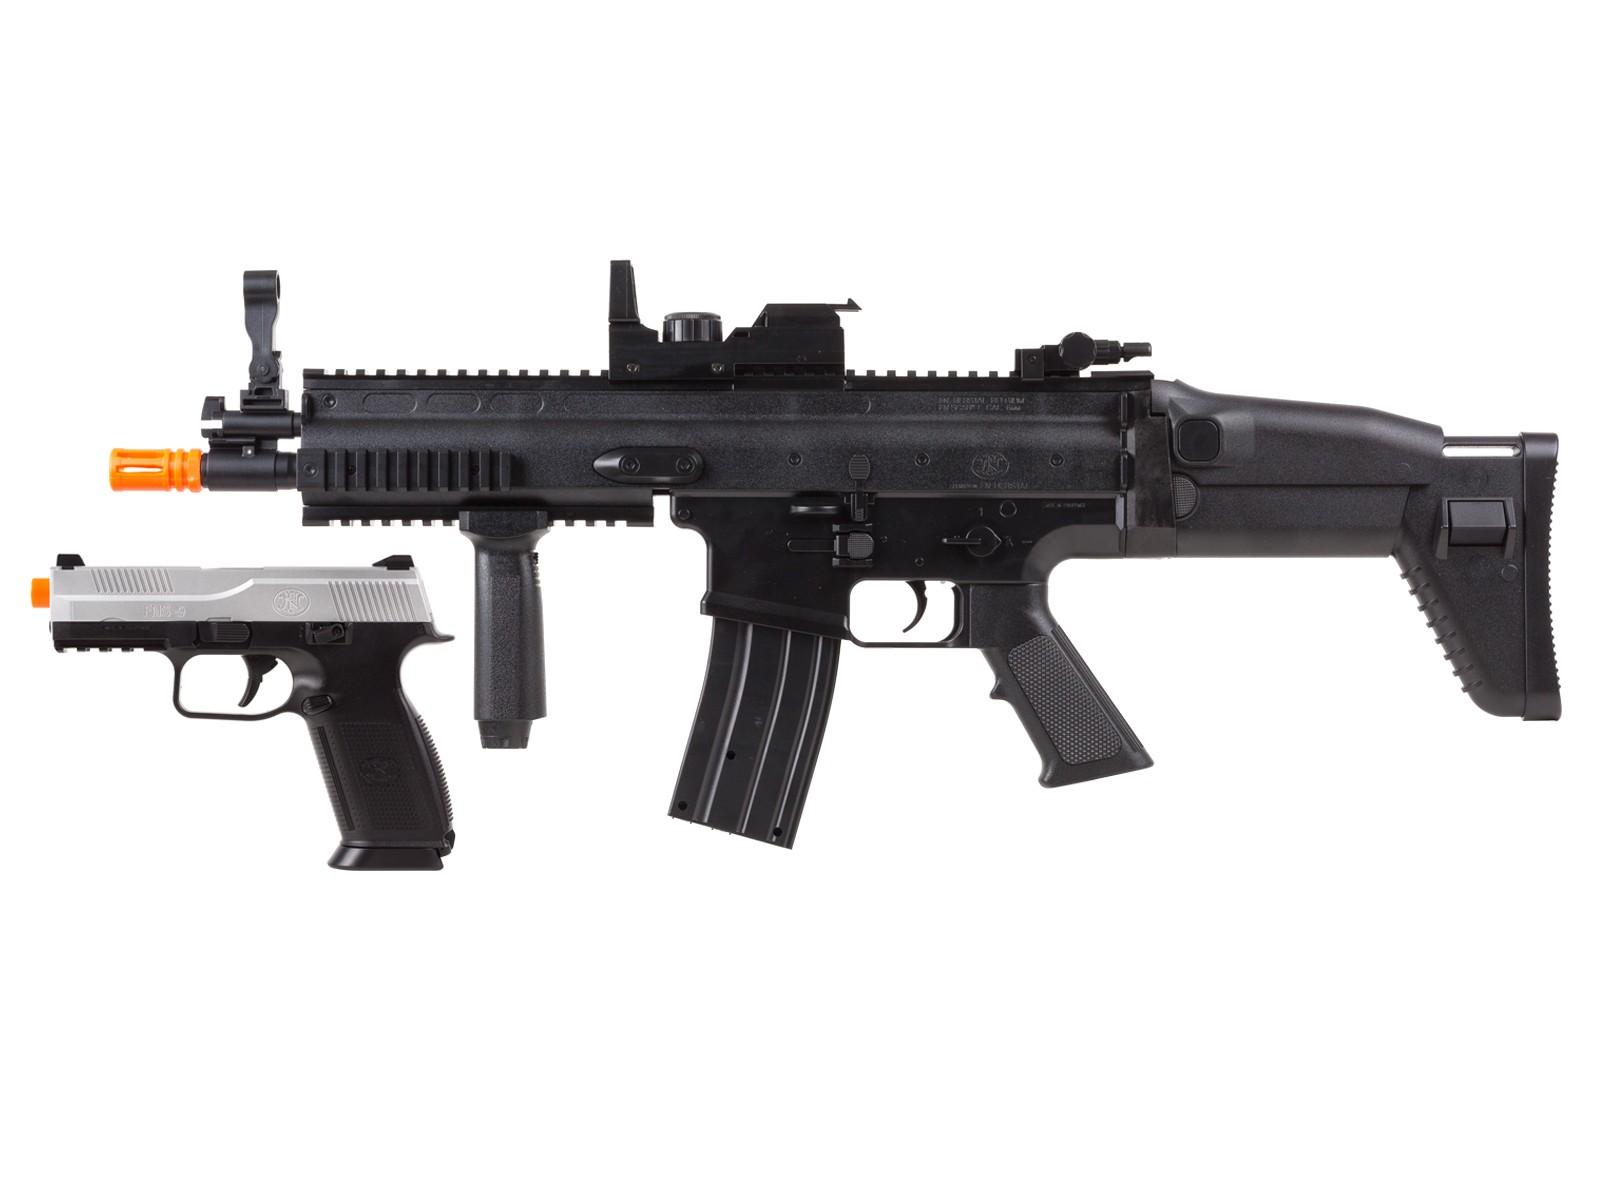 FN_Herstal_ScarL_AEG_&_FNS9_Spring_Pistol_Kit_6mm